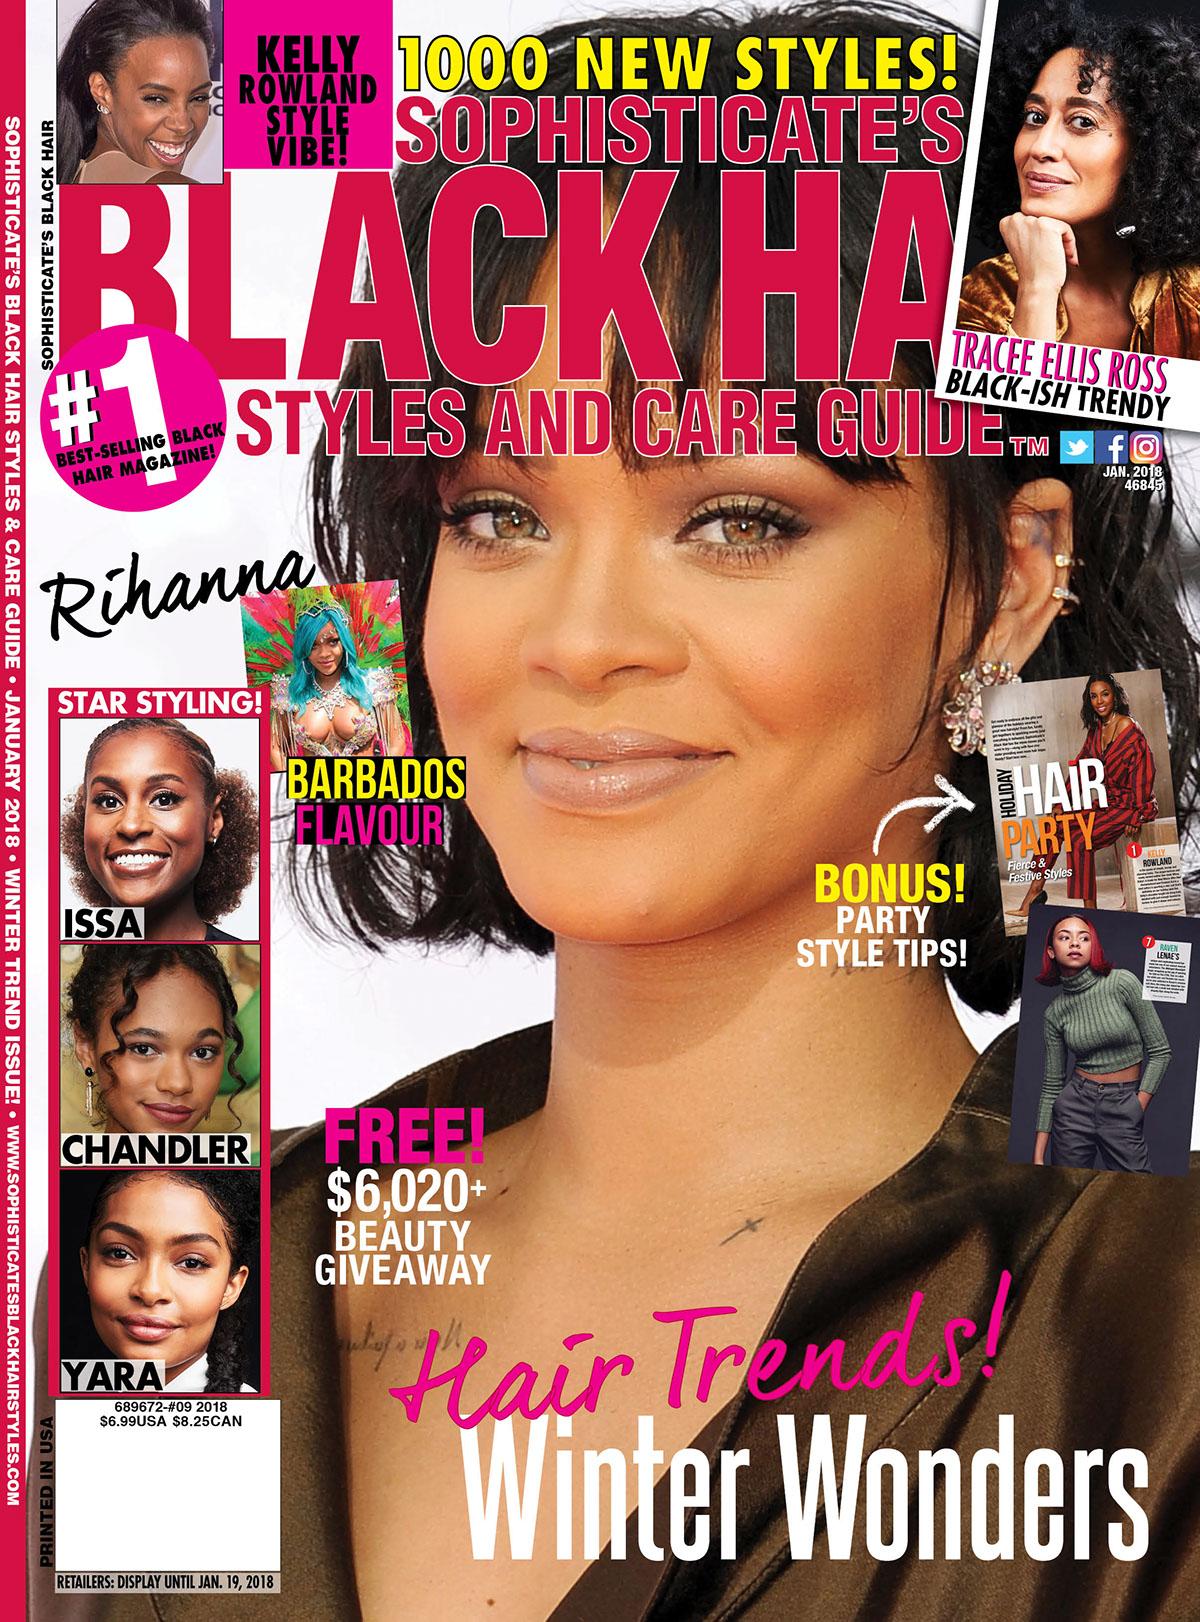 Sophisticate's Black Hair Magazine on Behance